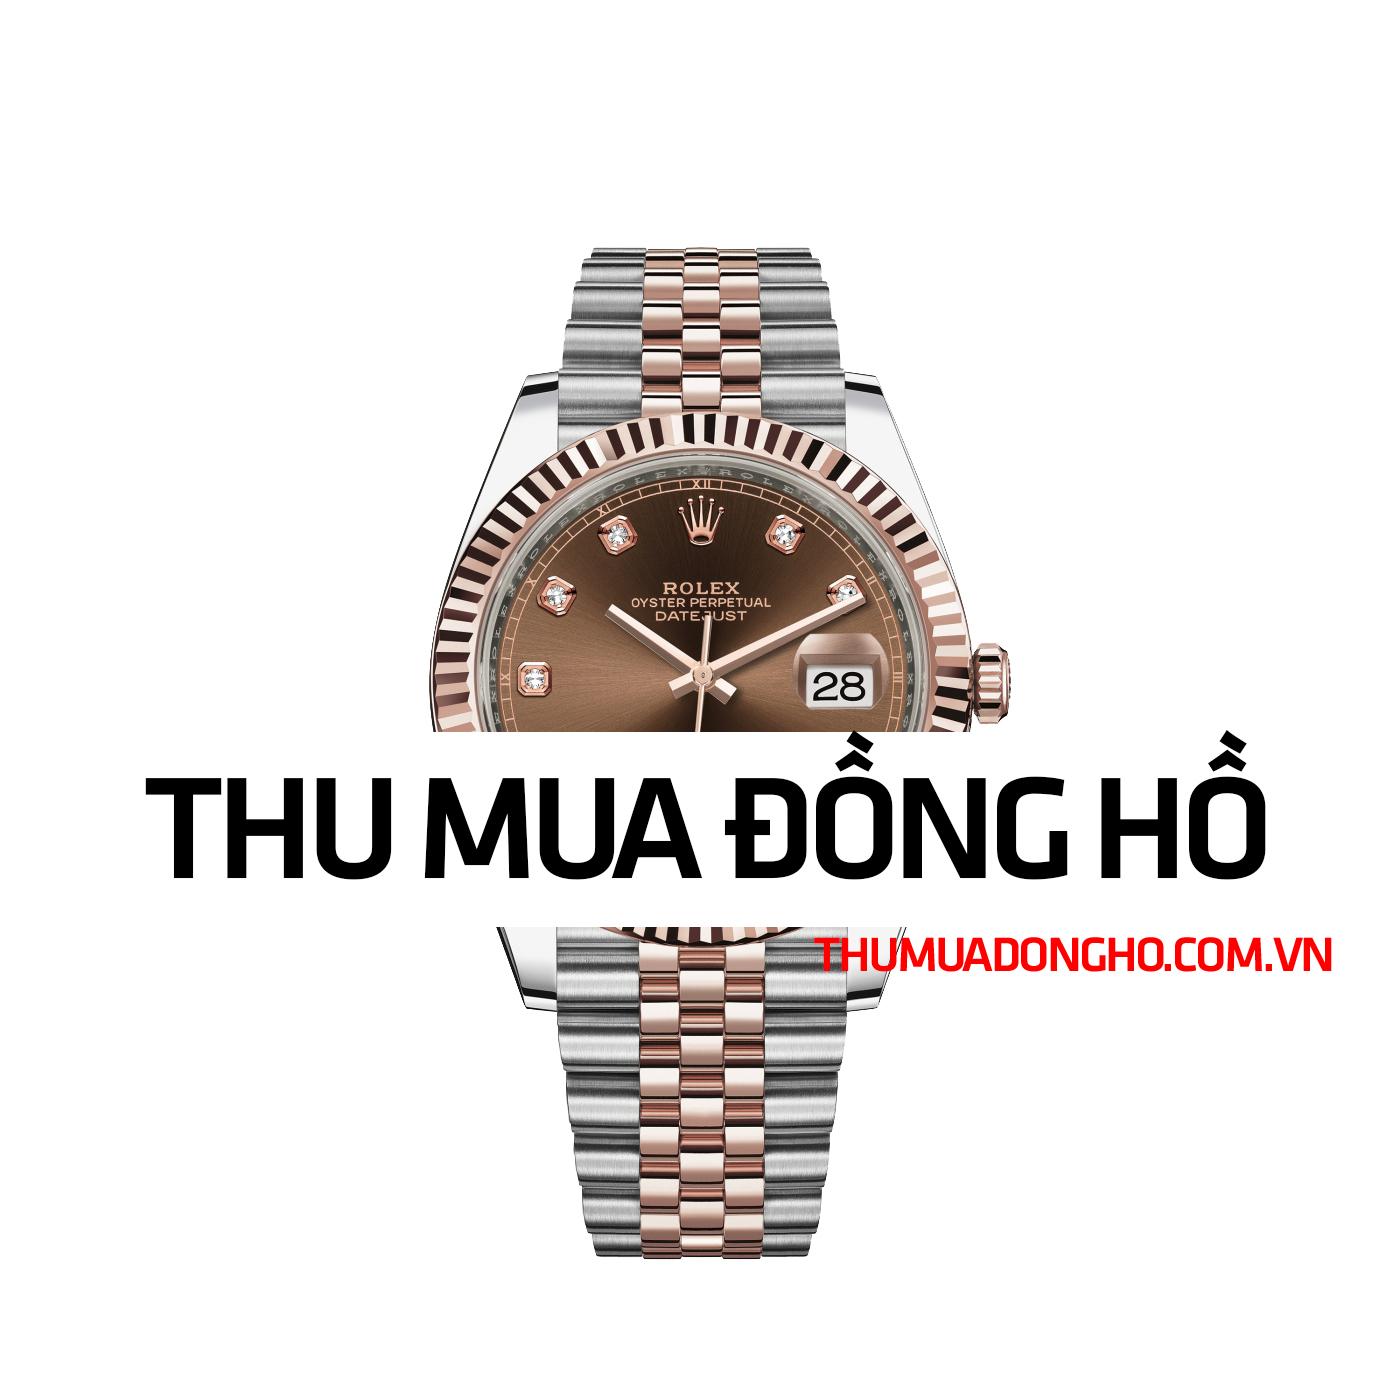 Thu mua đồng hồ cũ giá cao tại Hà Nội